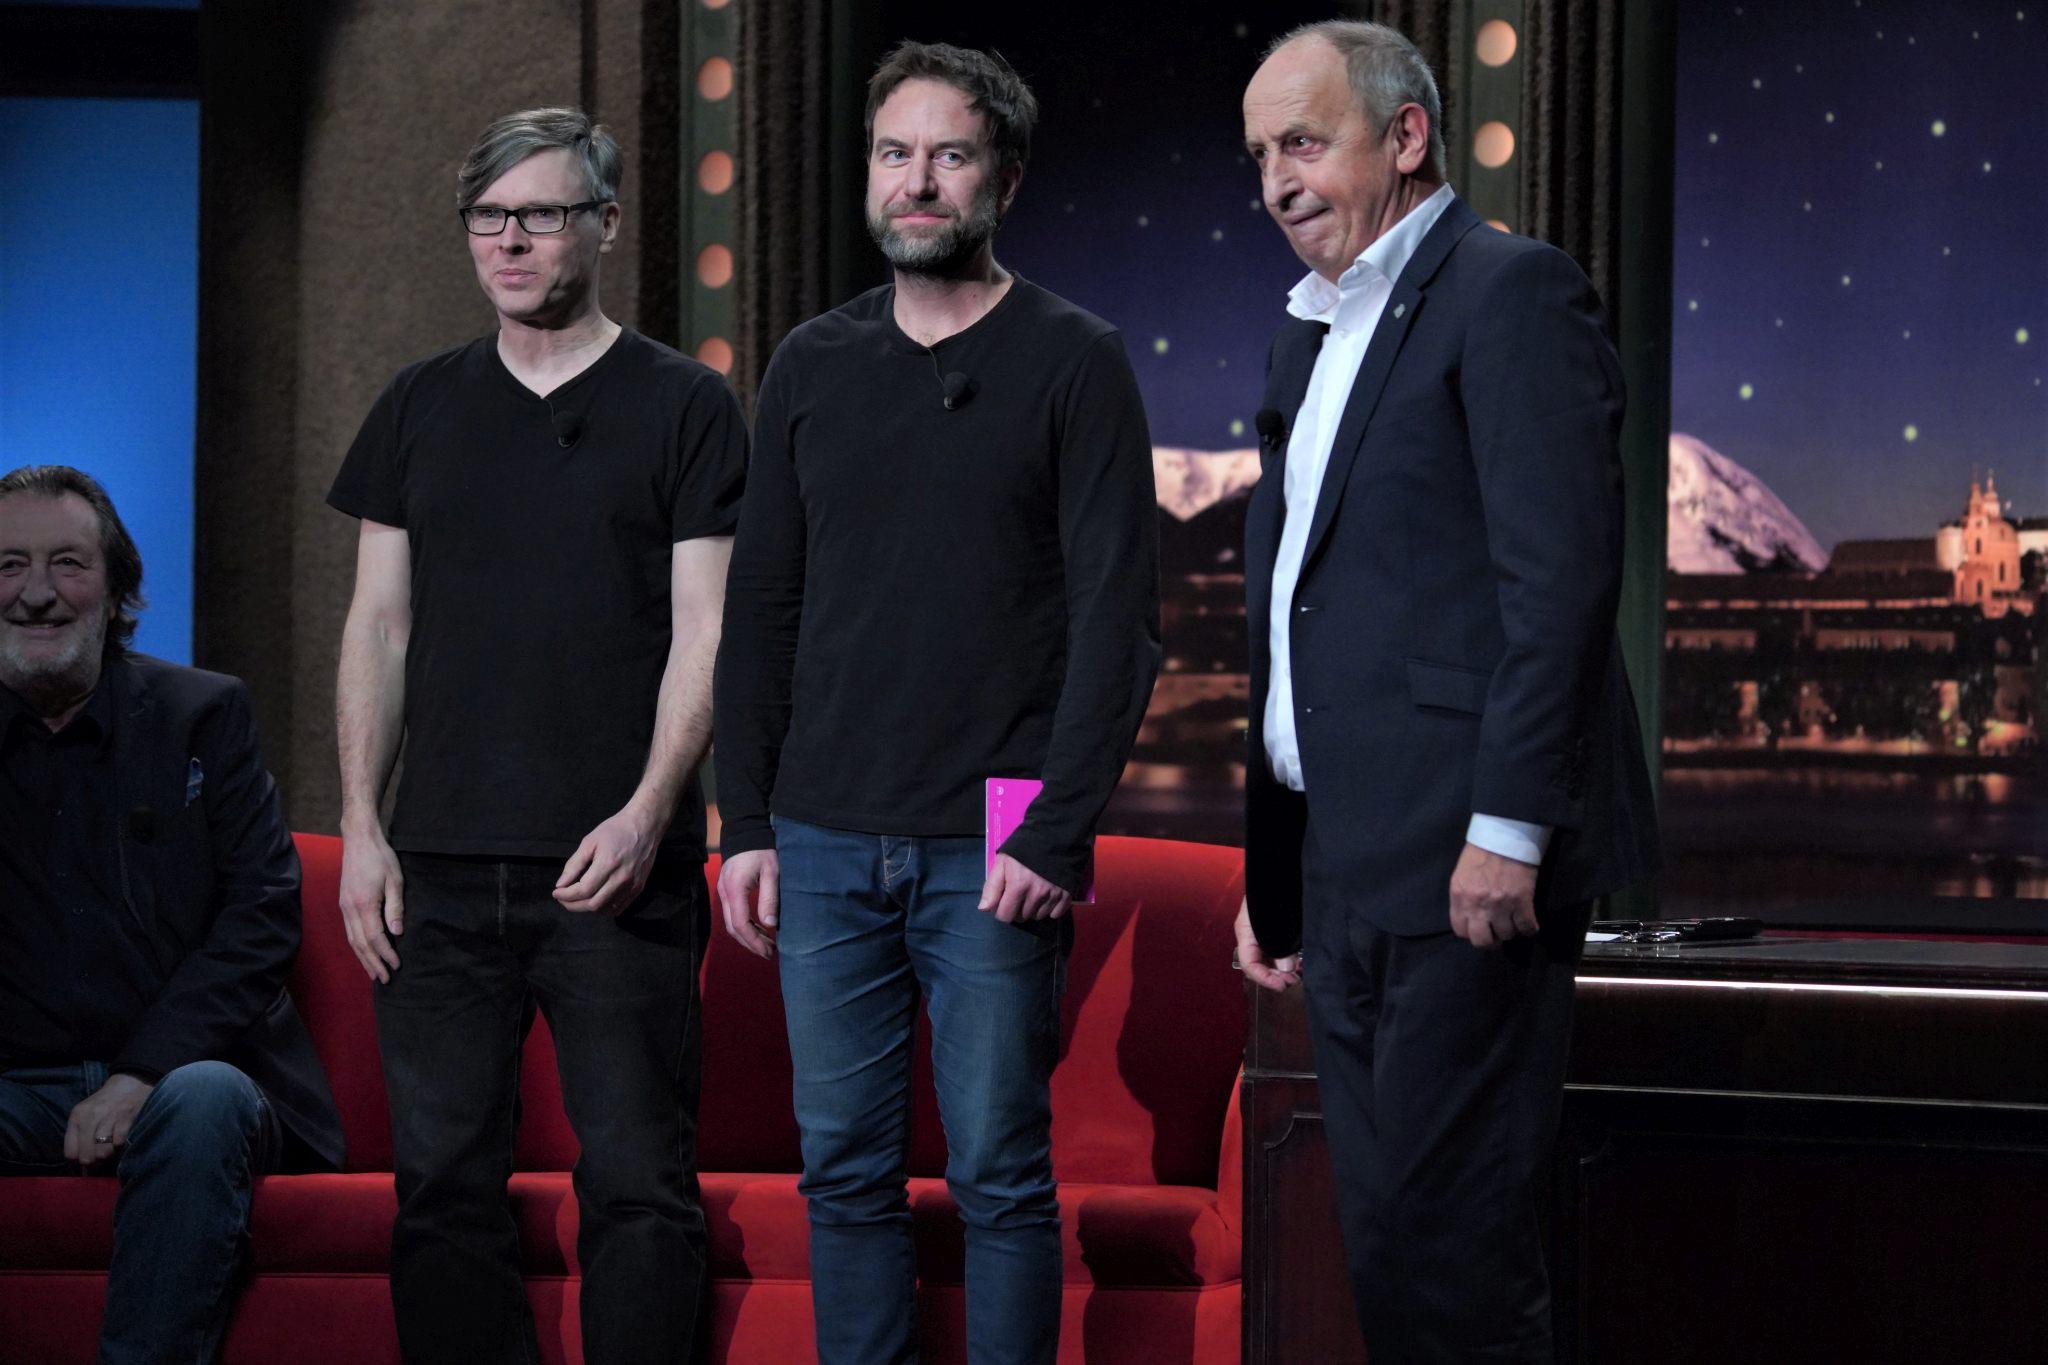 Mardoša a Milan Cais z hudební skupiny Tata Bojs v SJK 10. 2. 2021; v pozadí herec Bolek Polívka.